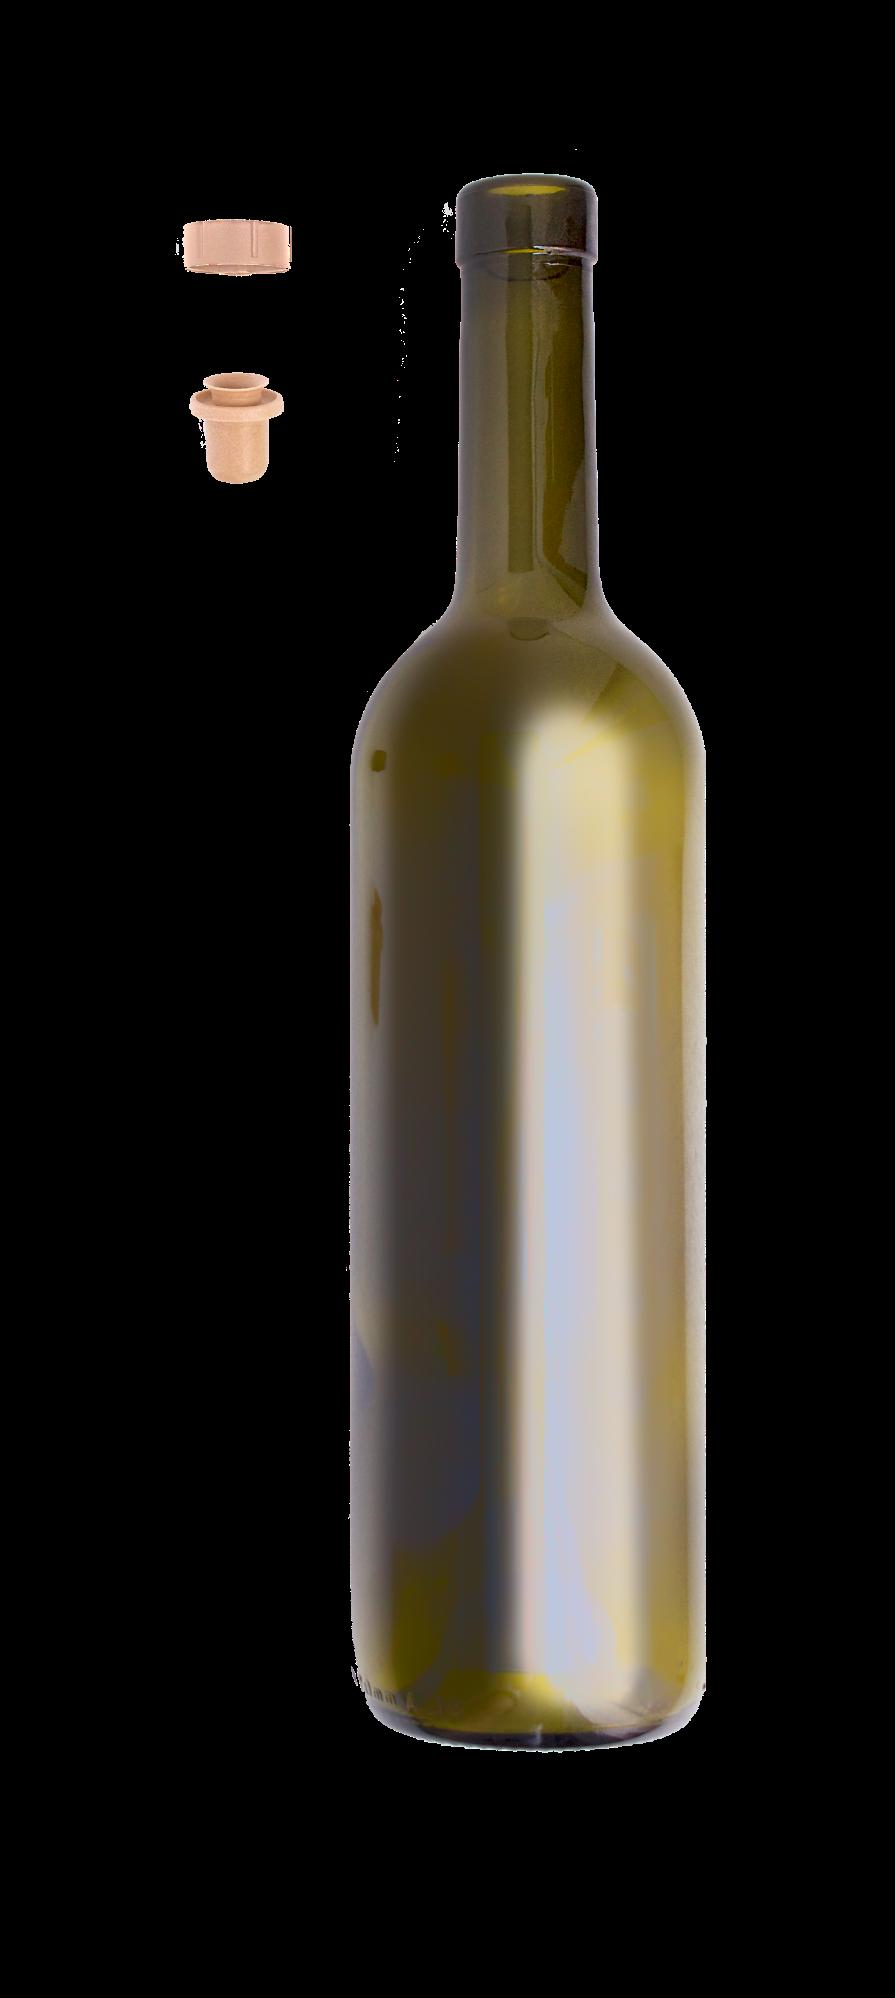 boniviri-packaging-1603663127.png